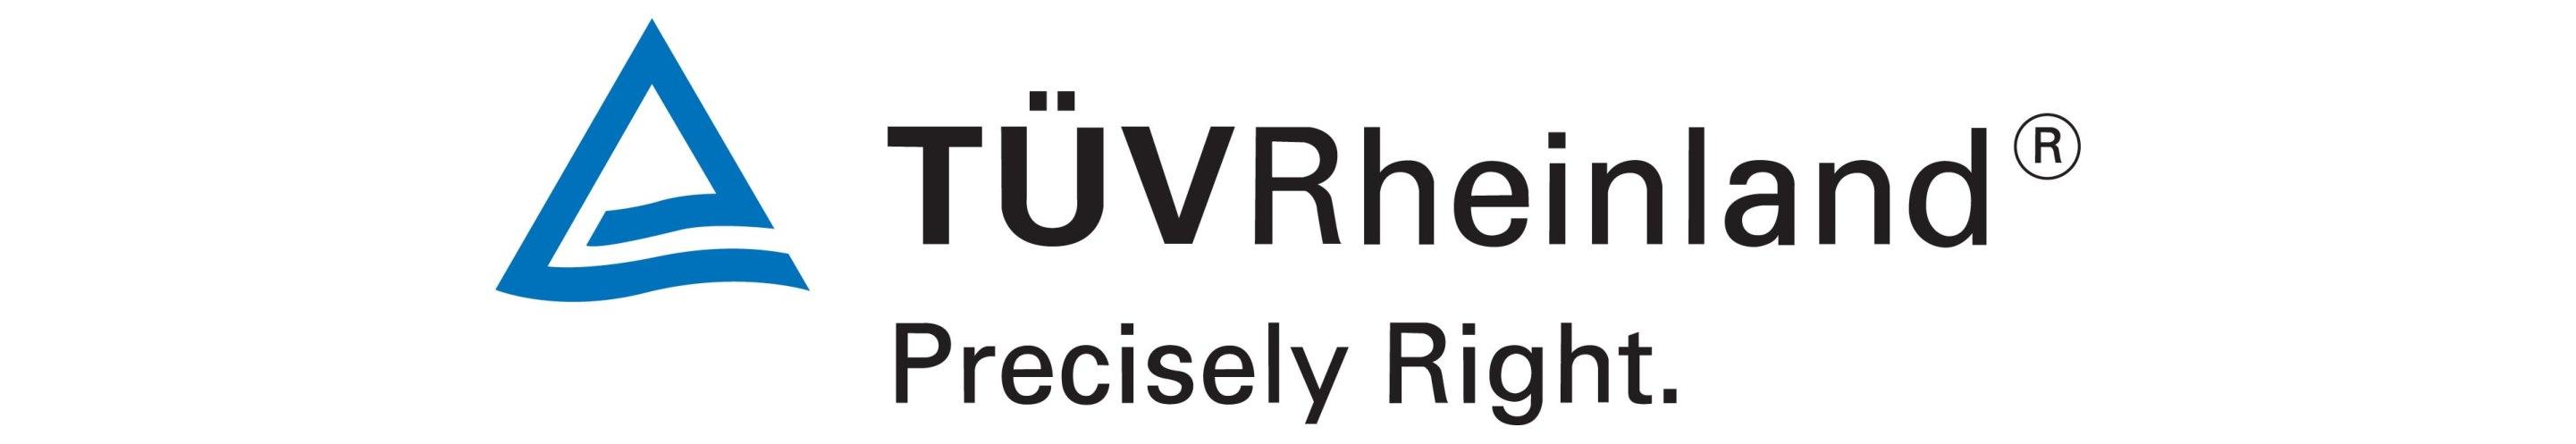 TUV Rheinland Hong Kong Ltd Logo